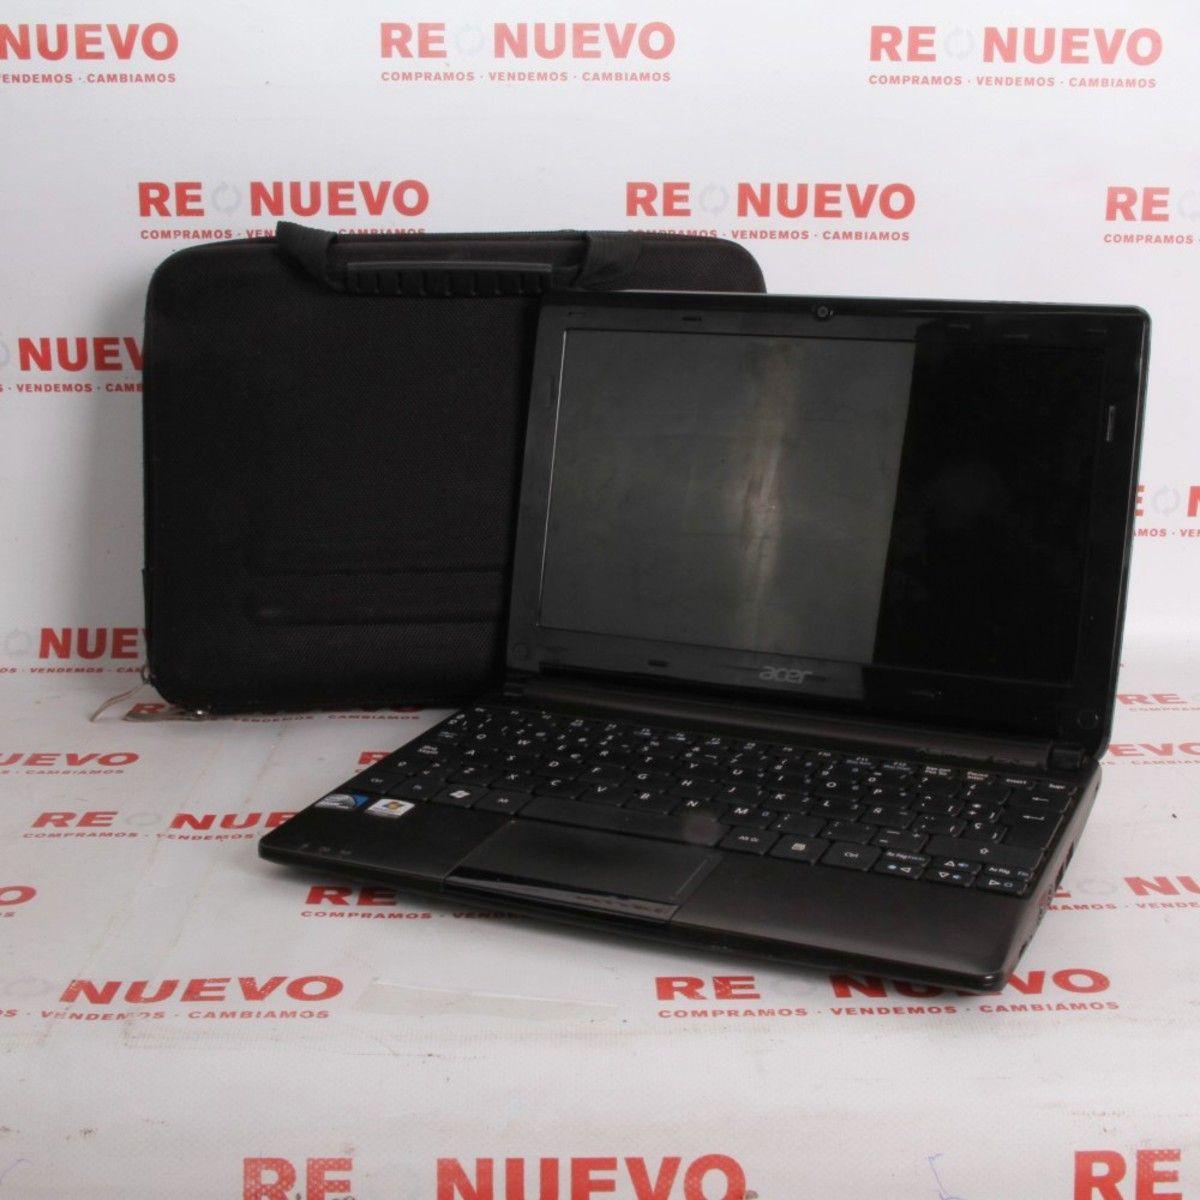 Portatil Acer Aspire One De Segunda Mano E284119 Tienda Online